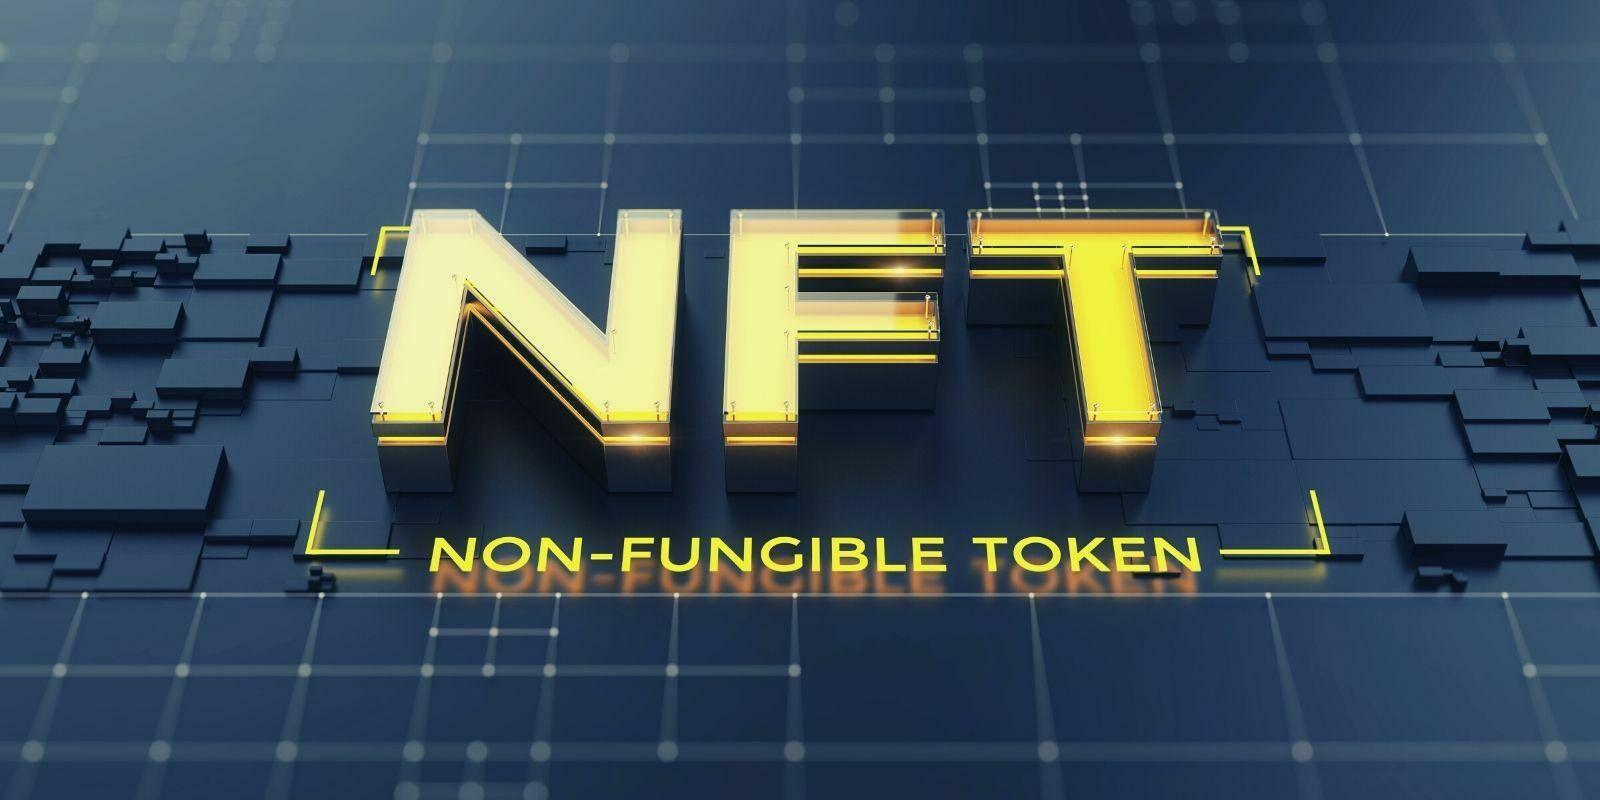 NFTs et contrefaçon - Que risque l'émetteur d'un NFT dont il n'est pas l'auteur ?